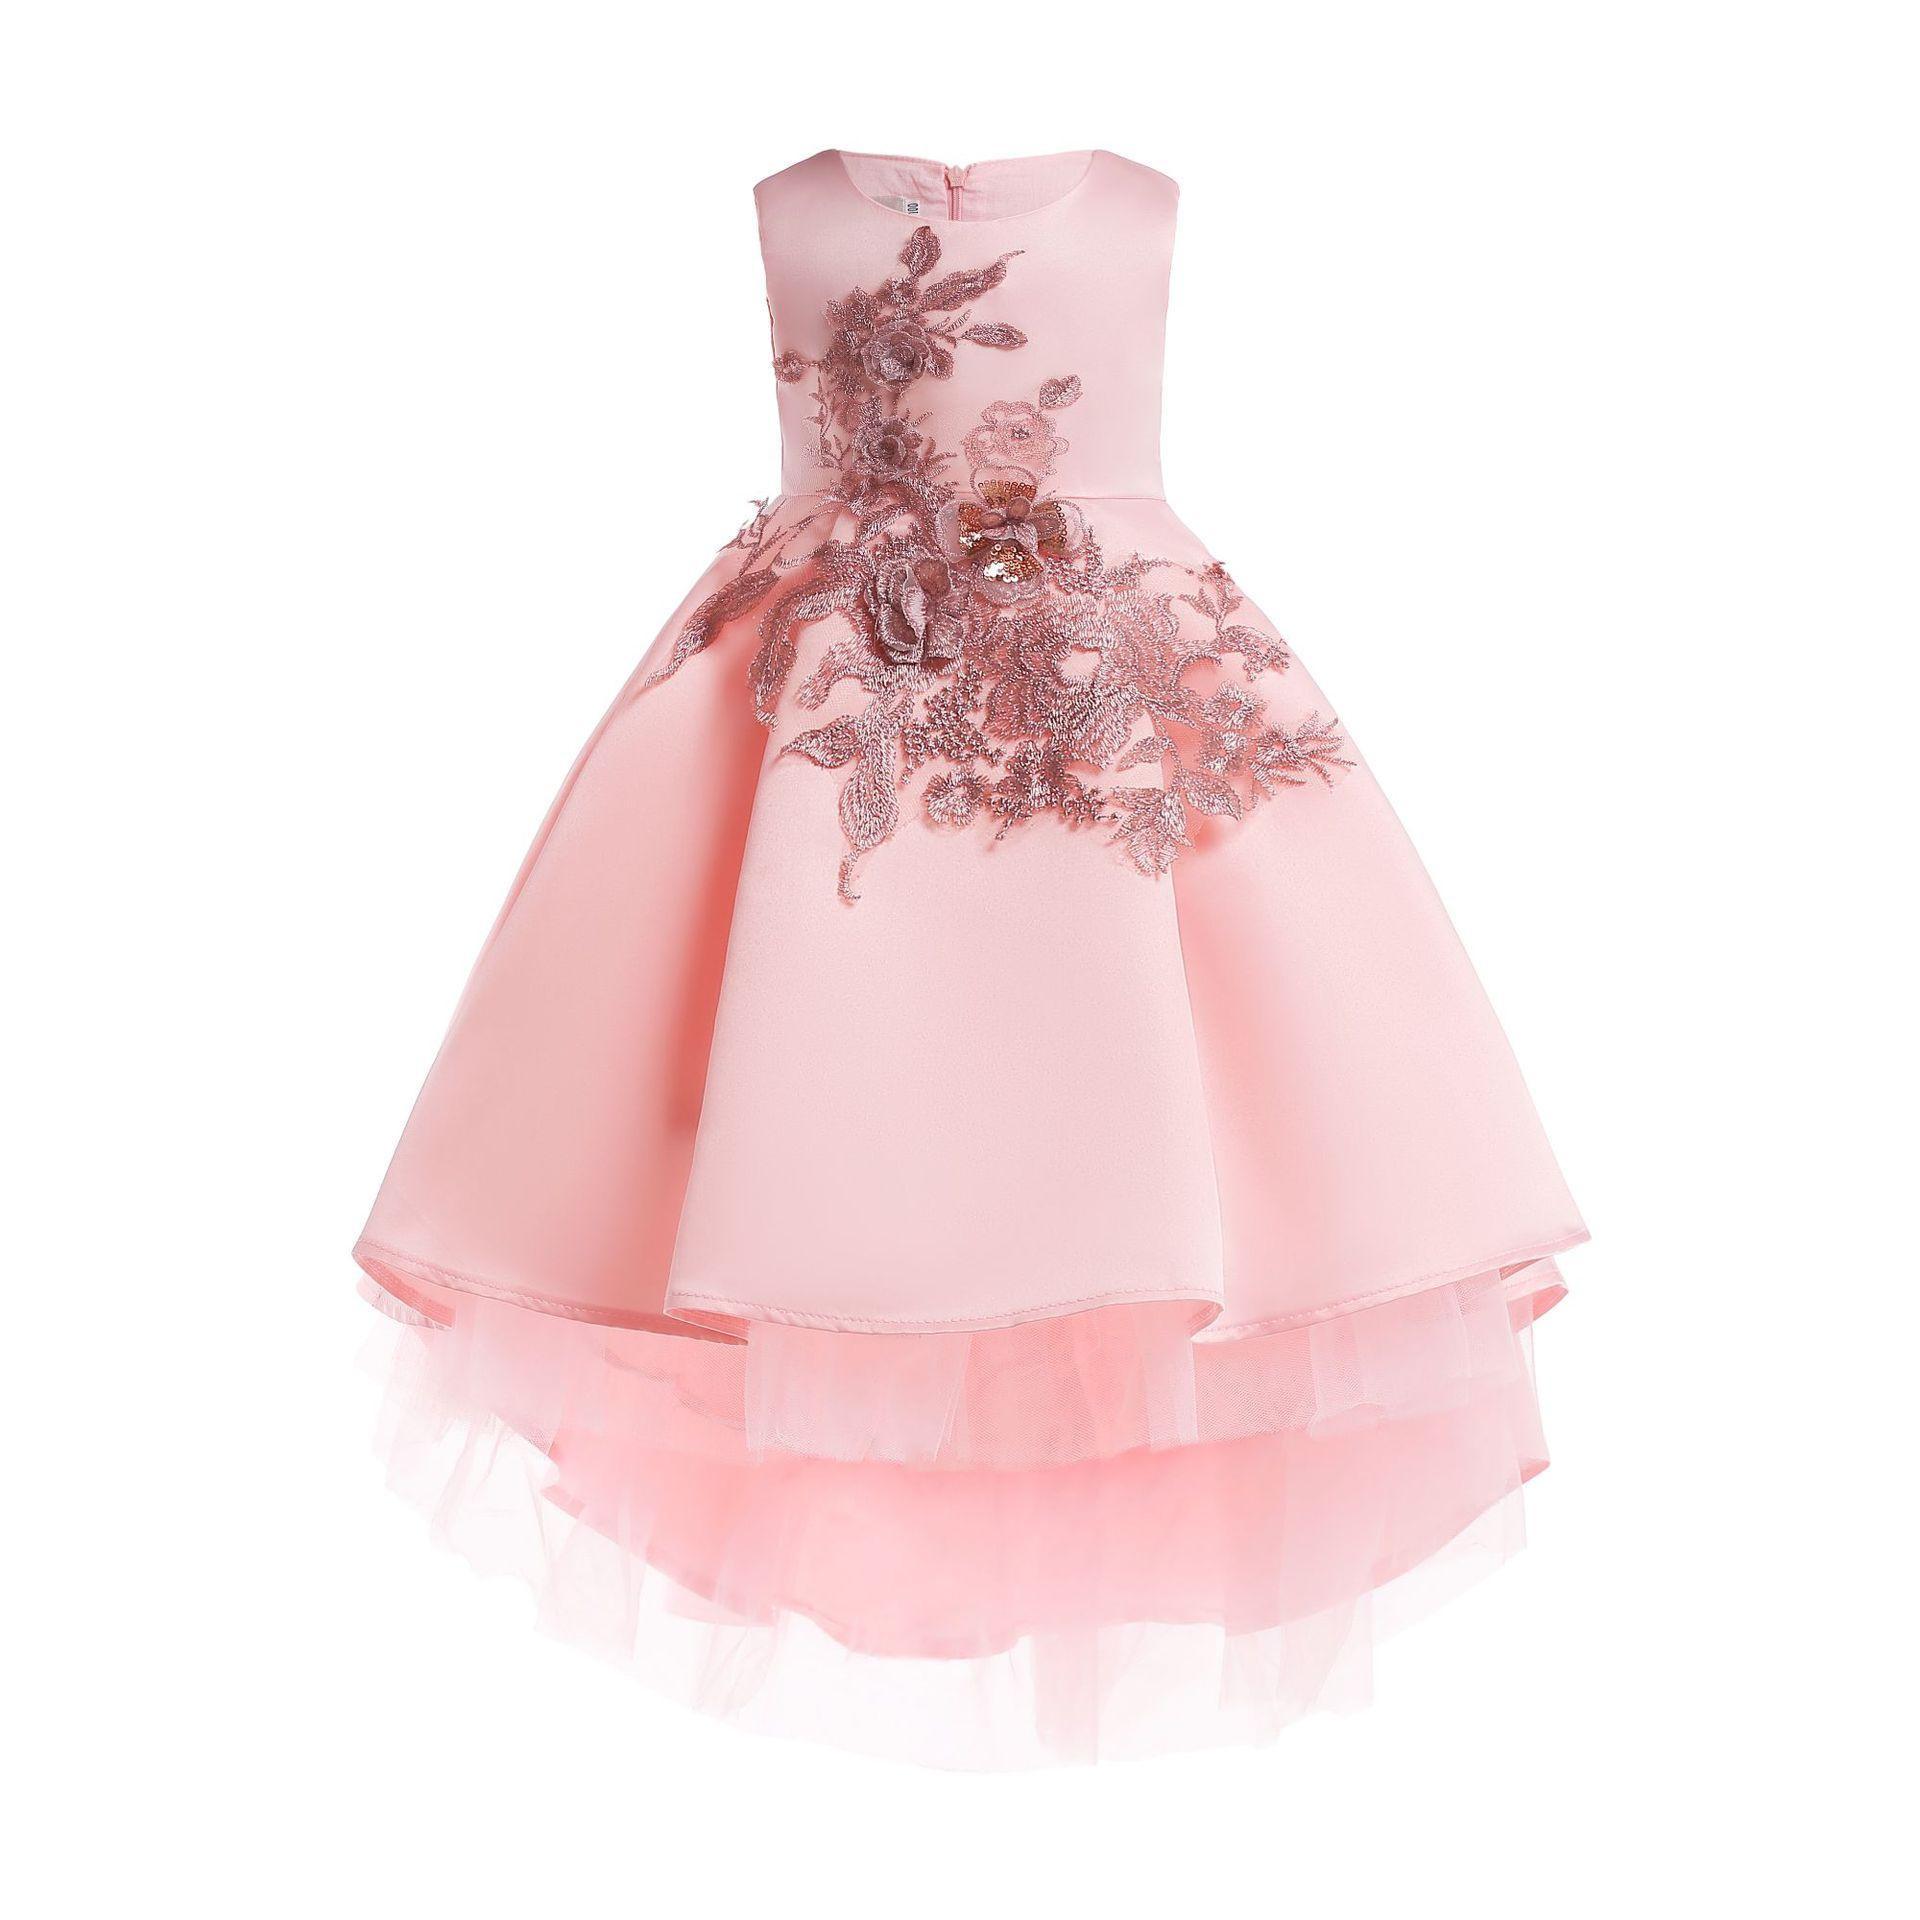 Großhandel Baby Mädchen Prinzessin Kleid Elegante Kinder Party Kleider Für  Kleinkind Mädchen Hochzeit Kleid Kinder Weihnachten Kleid Für Mädchen